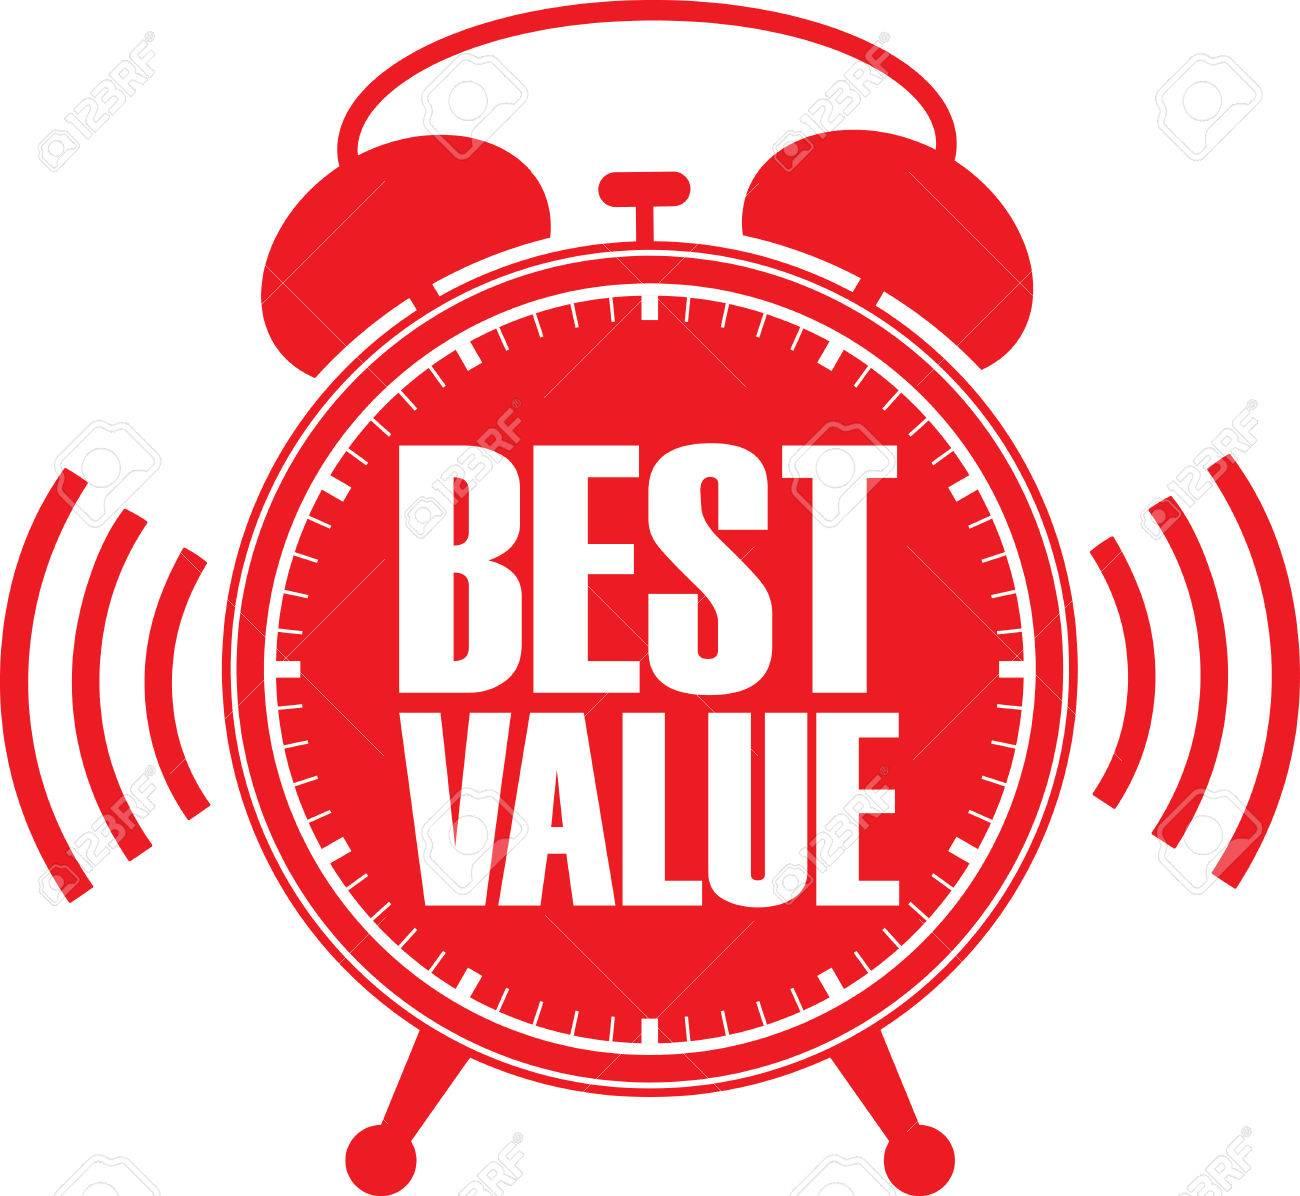 Best value red alarm clock, vector illustration - 56755748